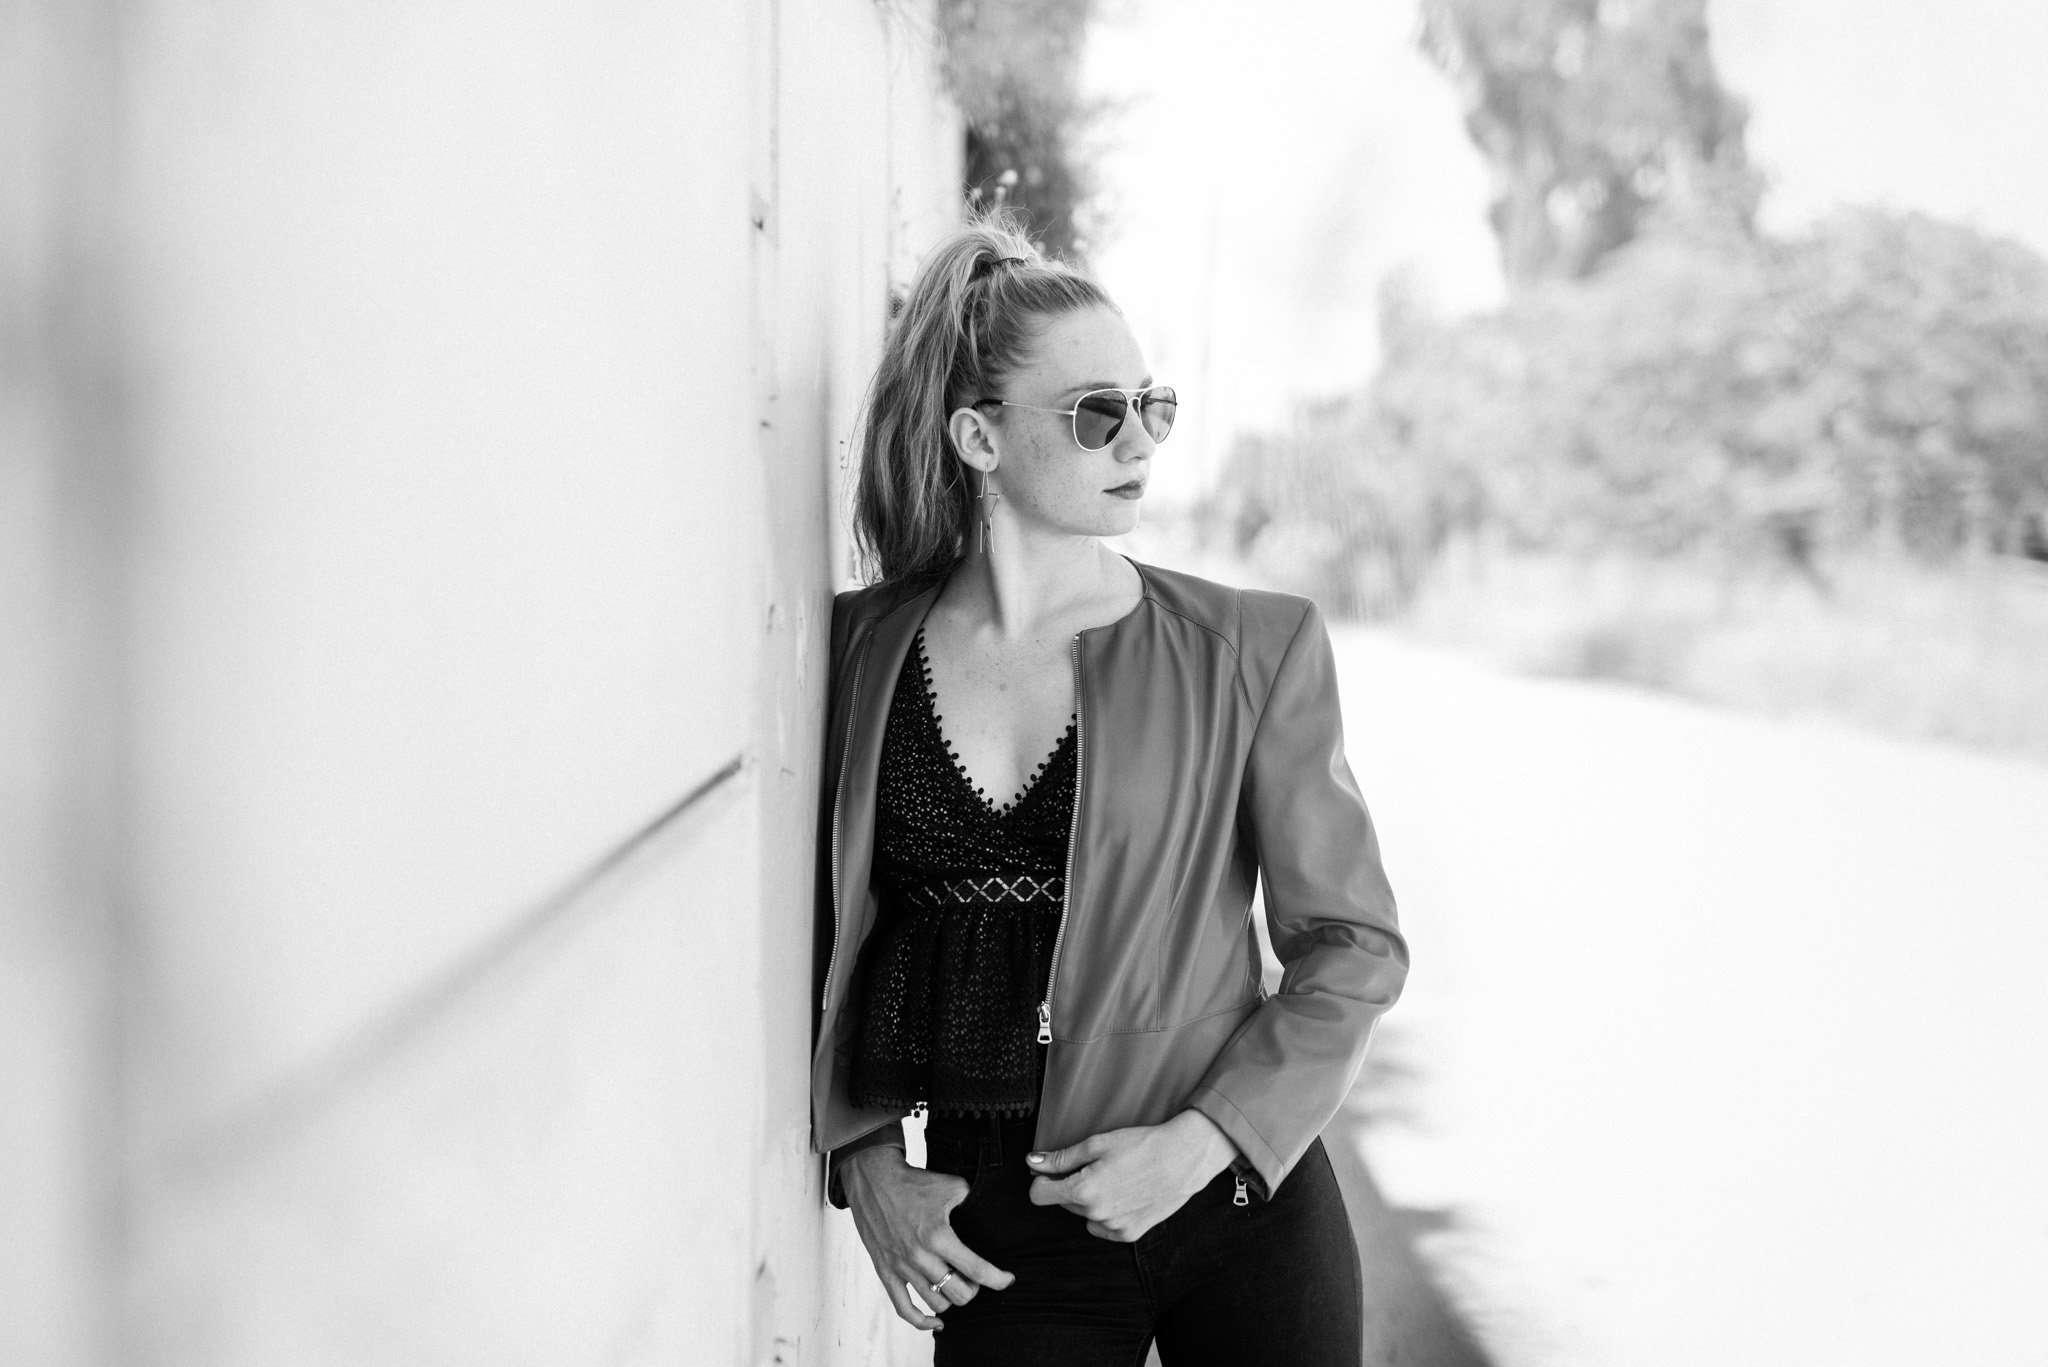 028 Portrait Session Tayla - Sydney Portrait + Lifestyle Photographer